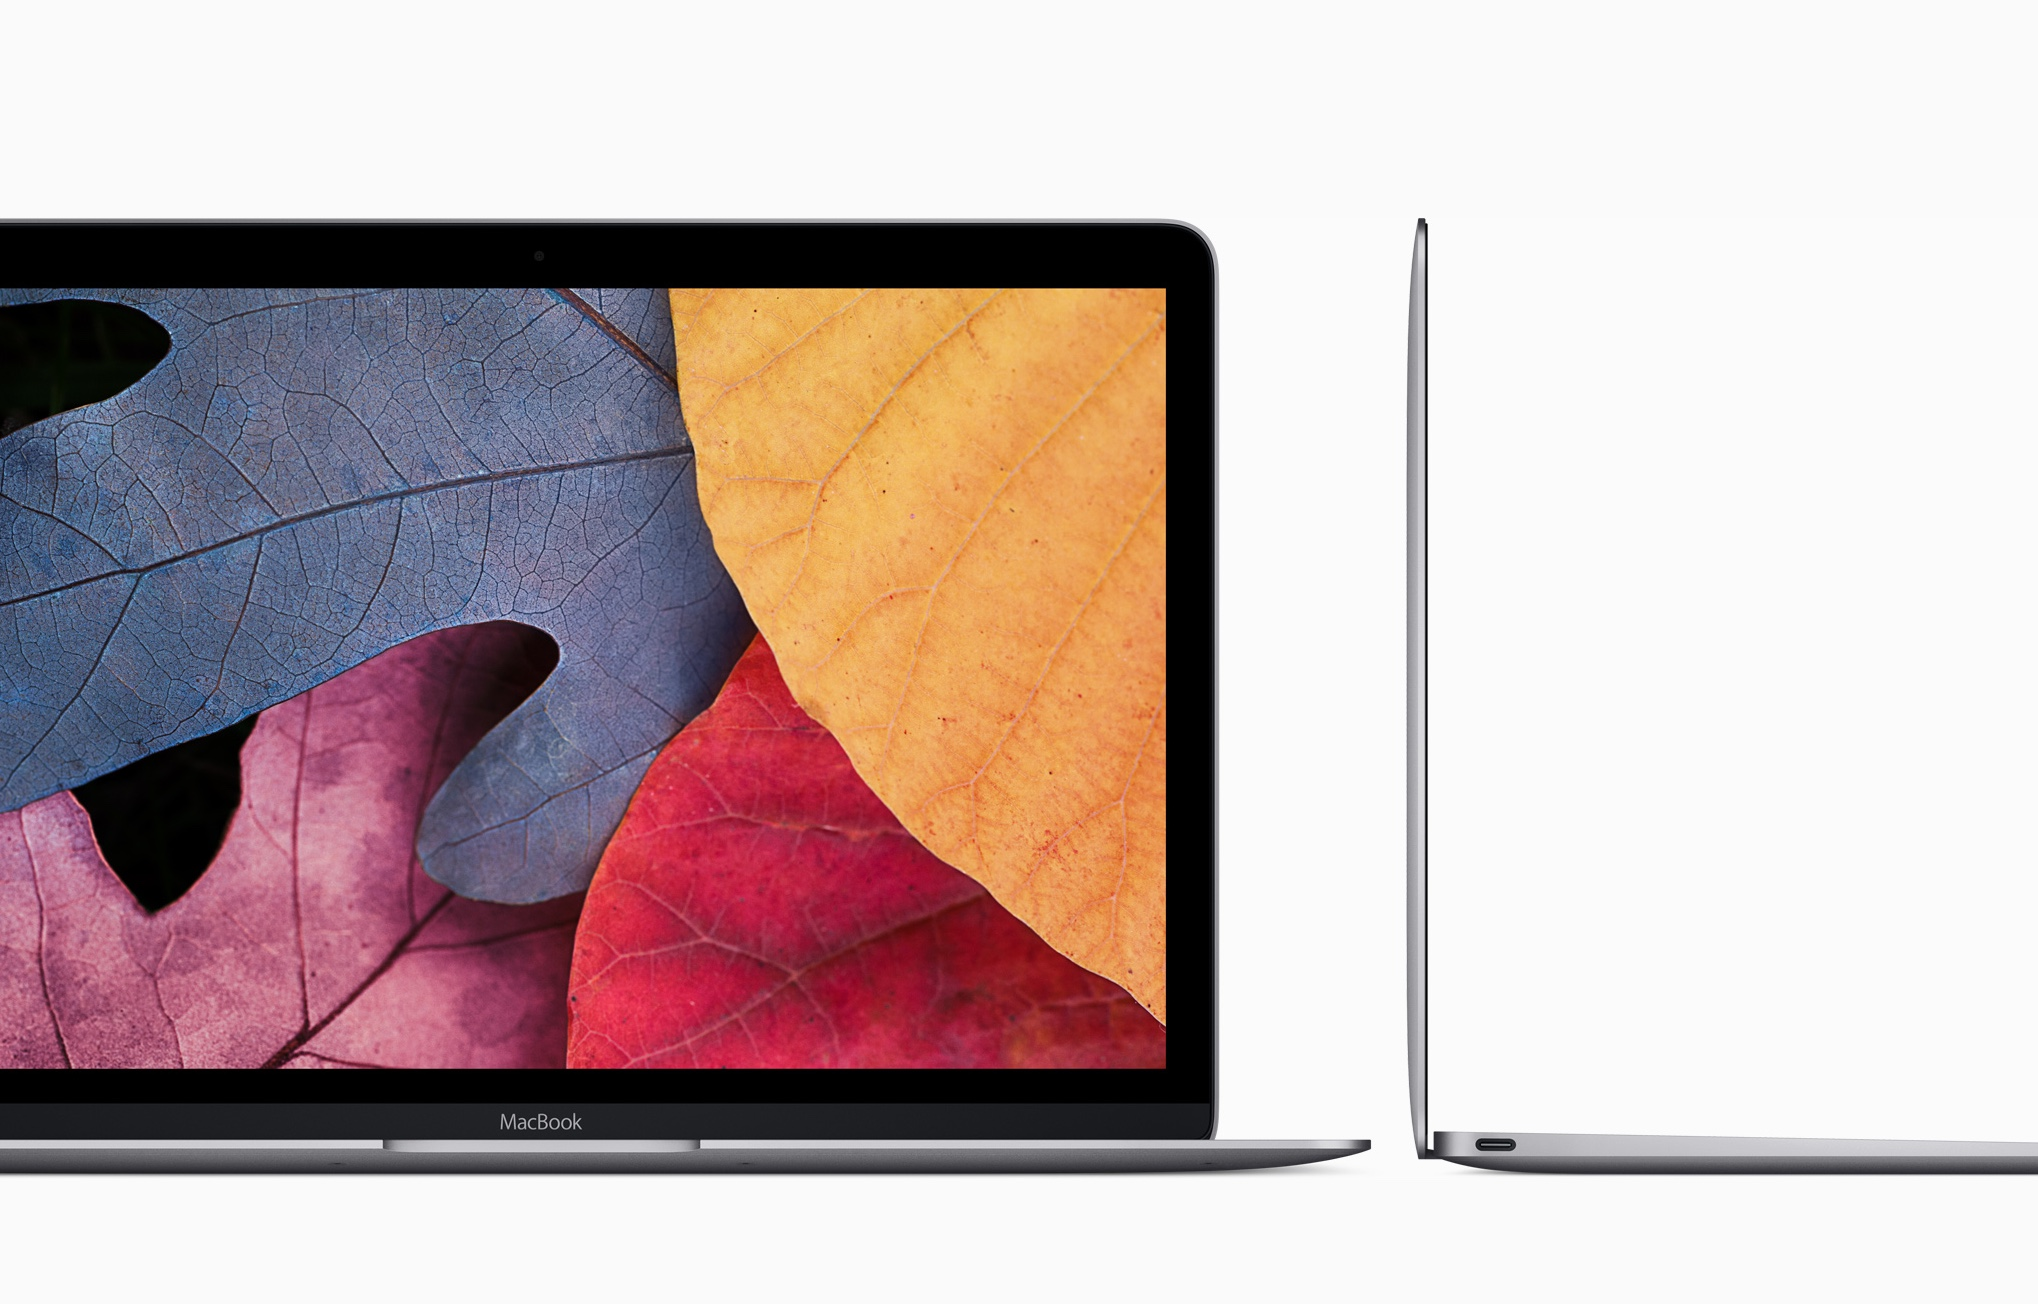 12インチMacBookはSkylakeまで待つべき4つの理由